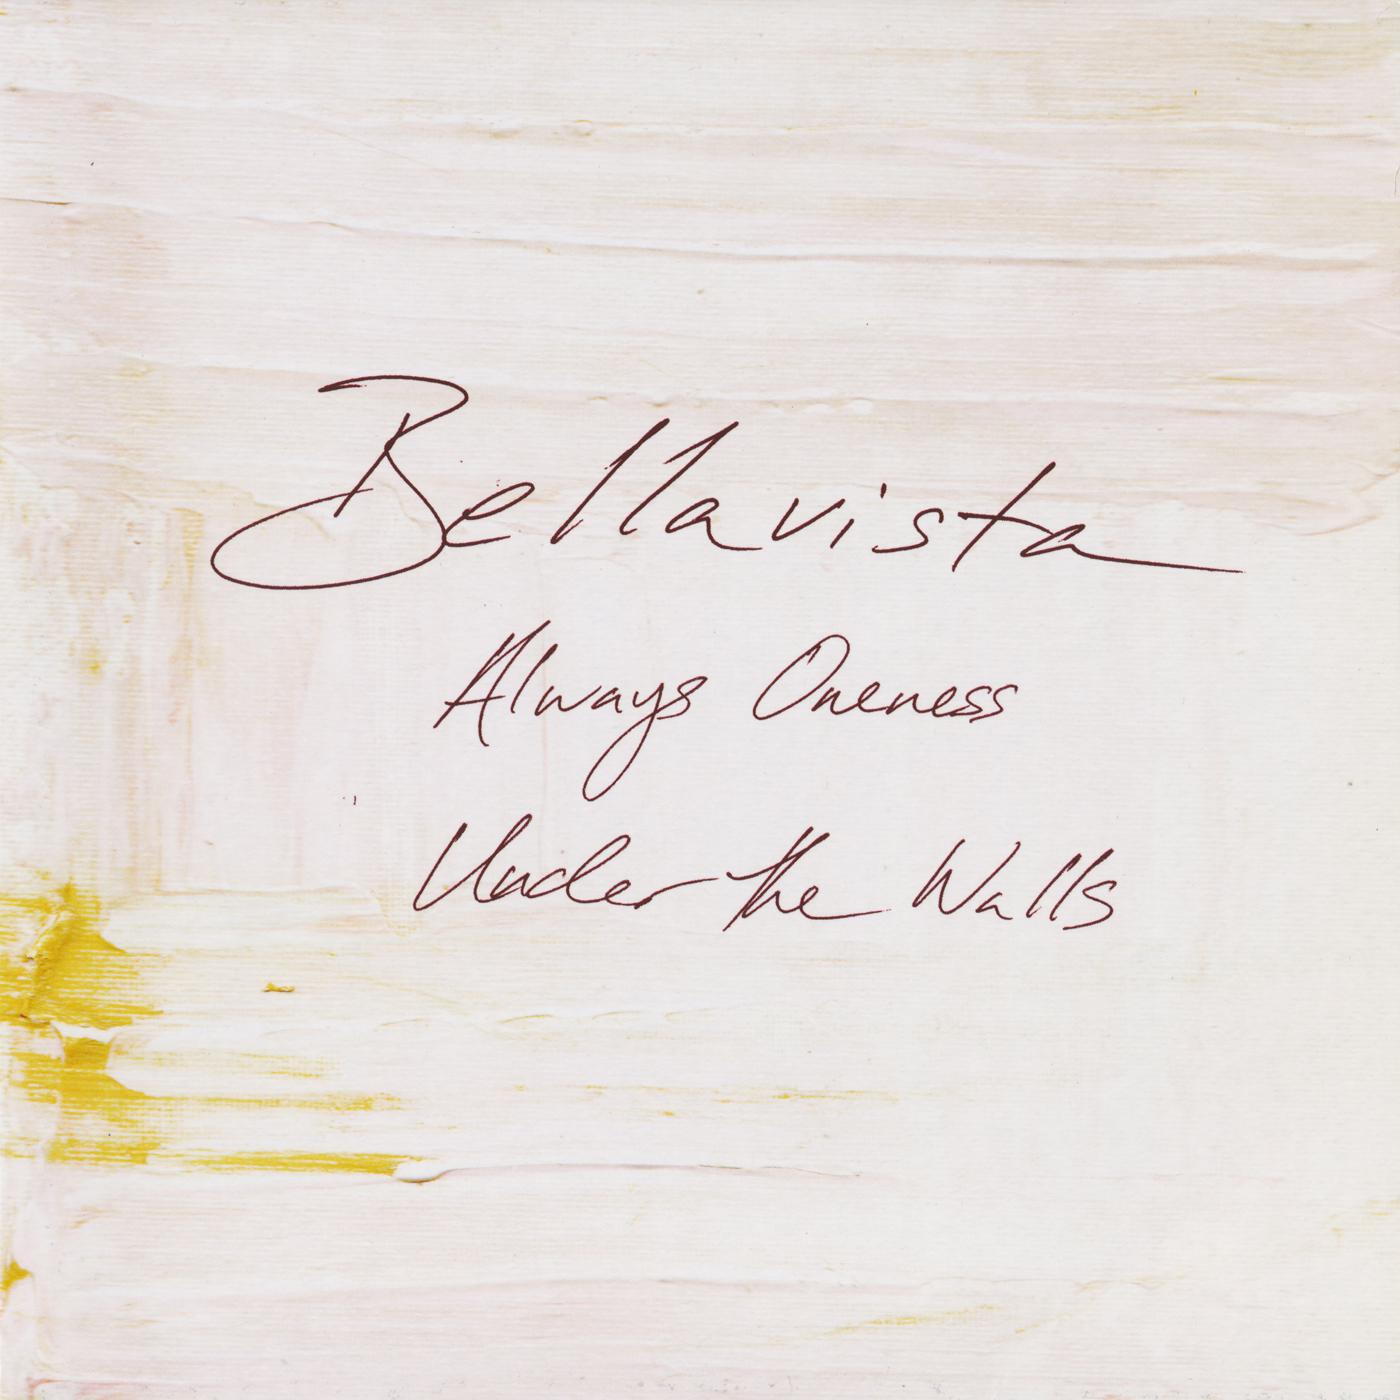 Bellavista-Always-front-edit-crop-1400_300.jpg